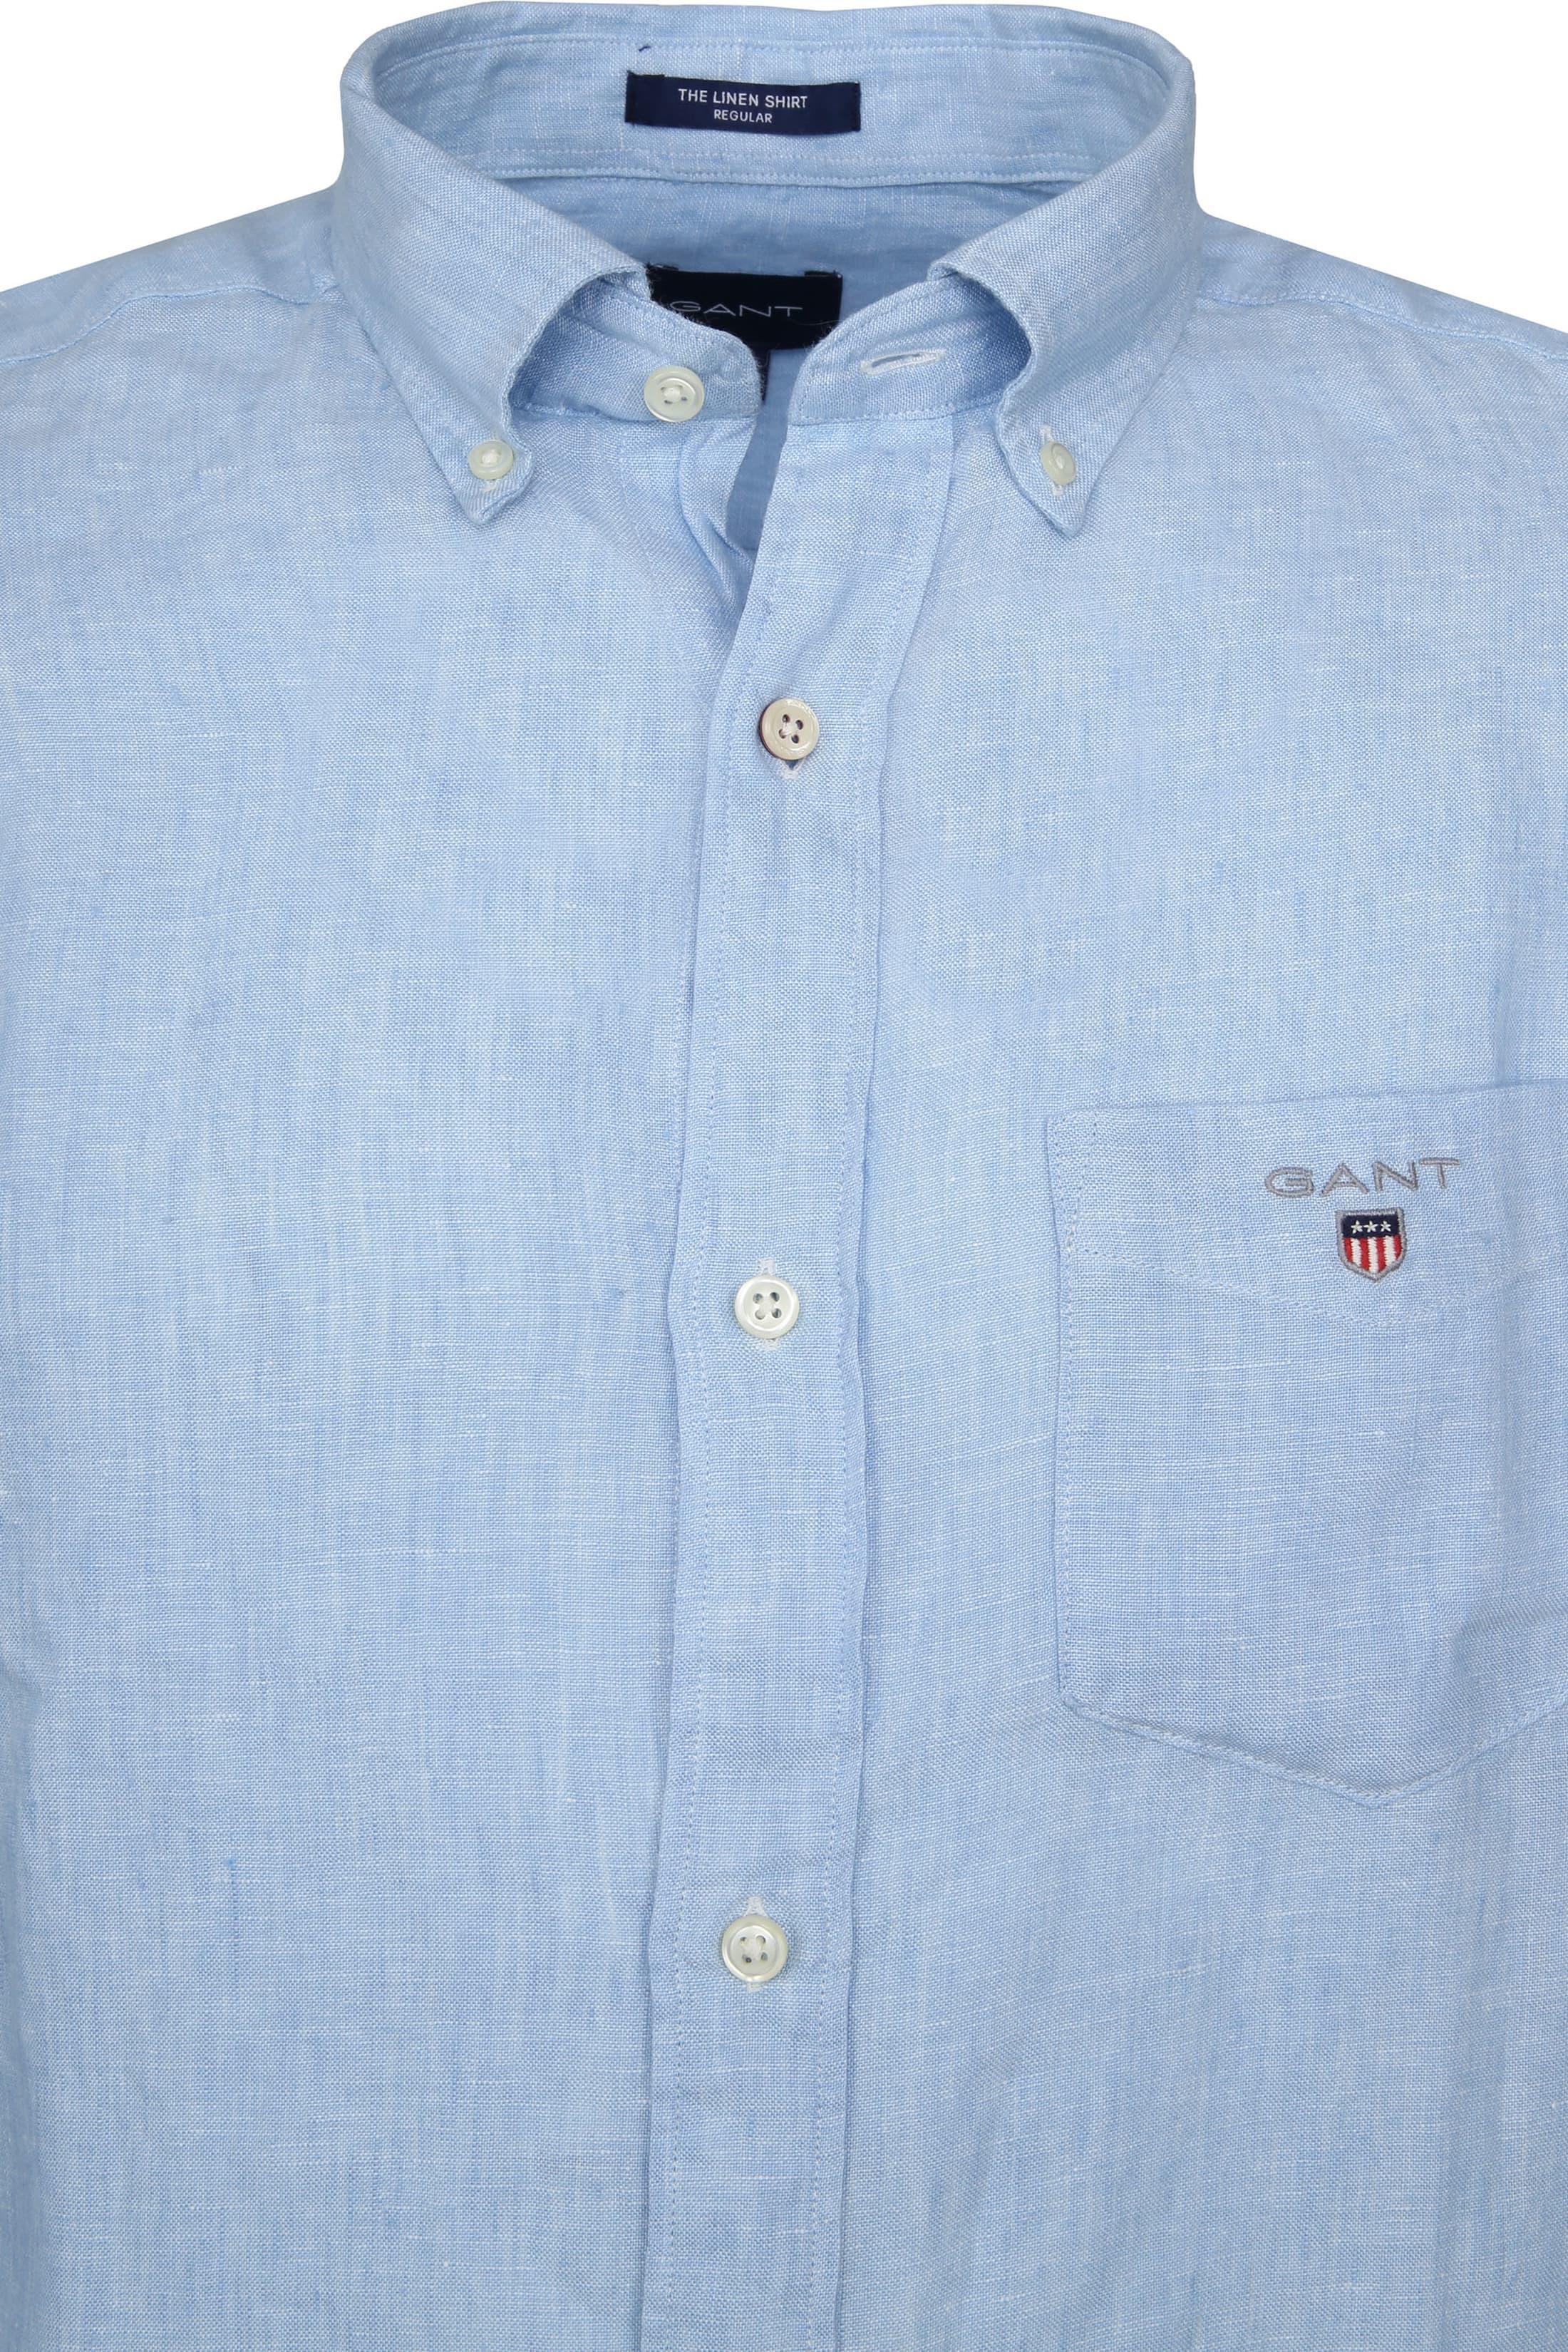 Gant Casual Overhemd Linnen Lichtblauw foto 2